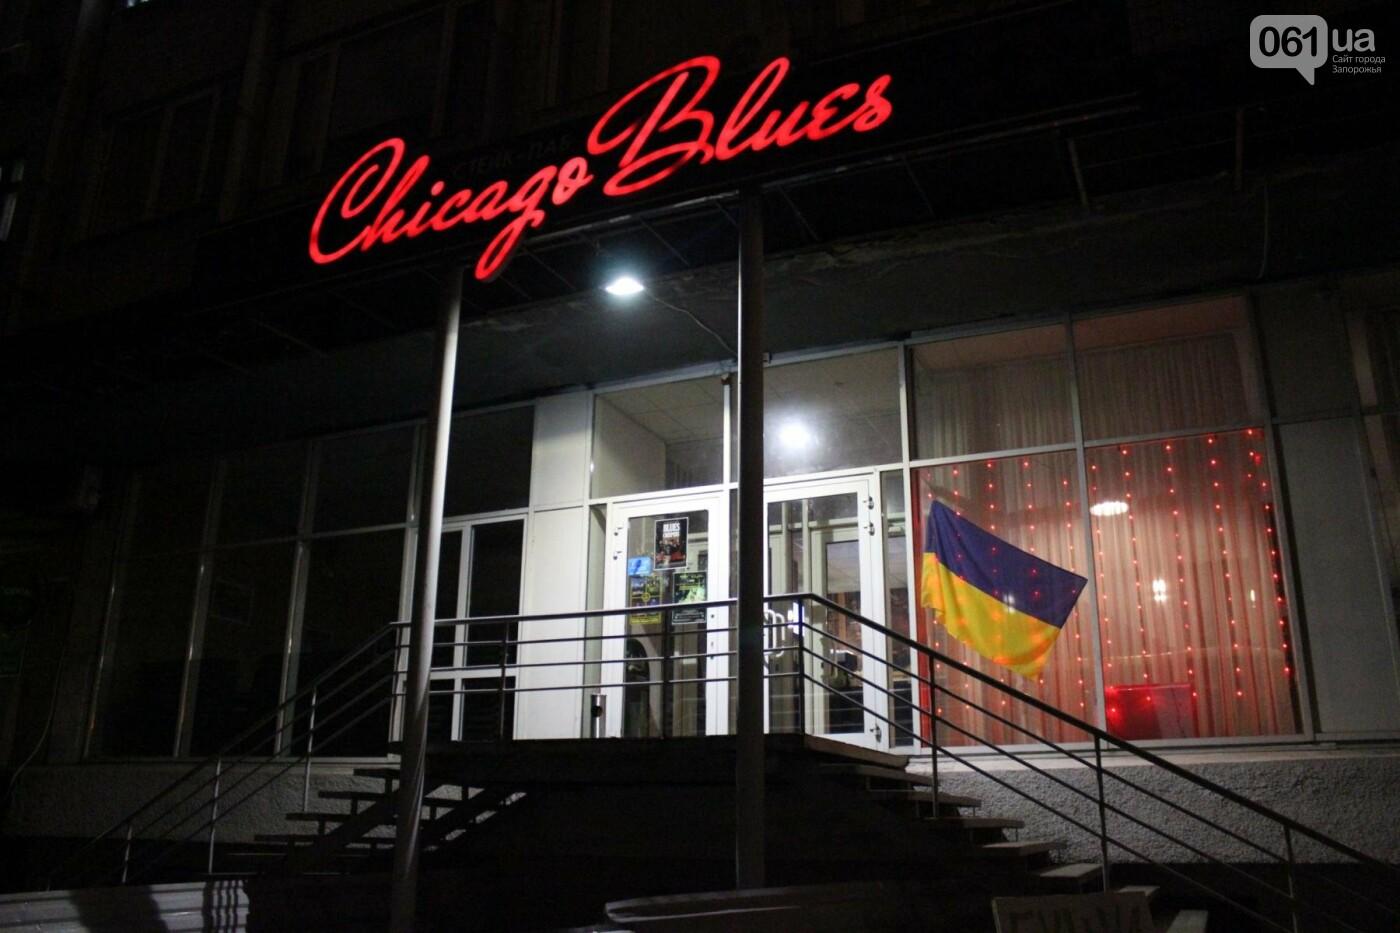 Тест-драйв запорожских общепитов: Chicago Blues, фото-1